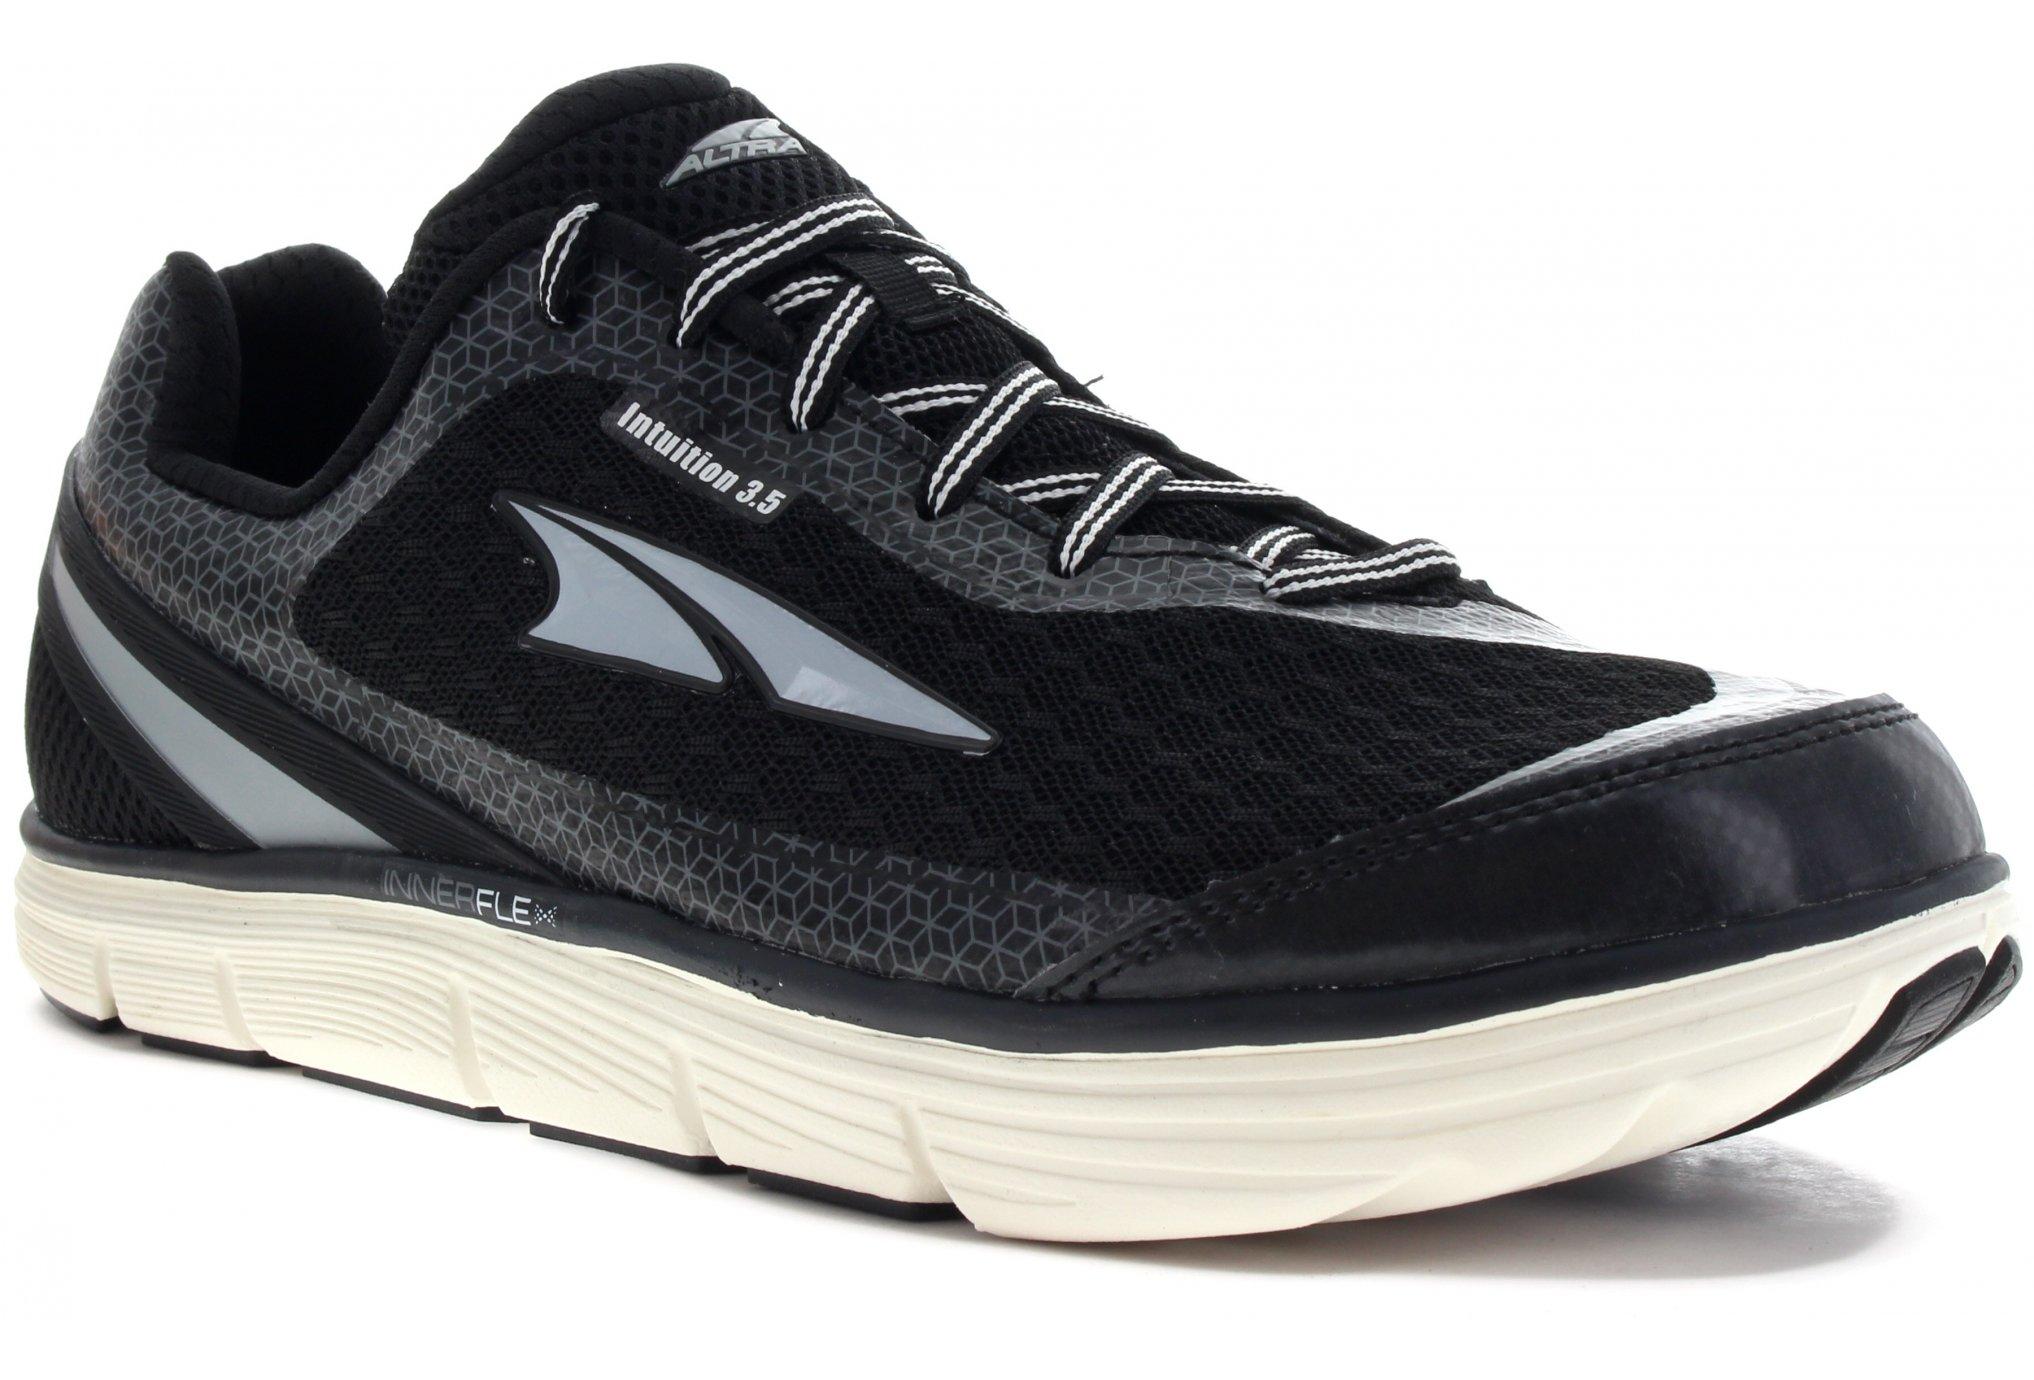 Altra Intuition 3.5 w diététique chaussures femme